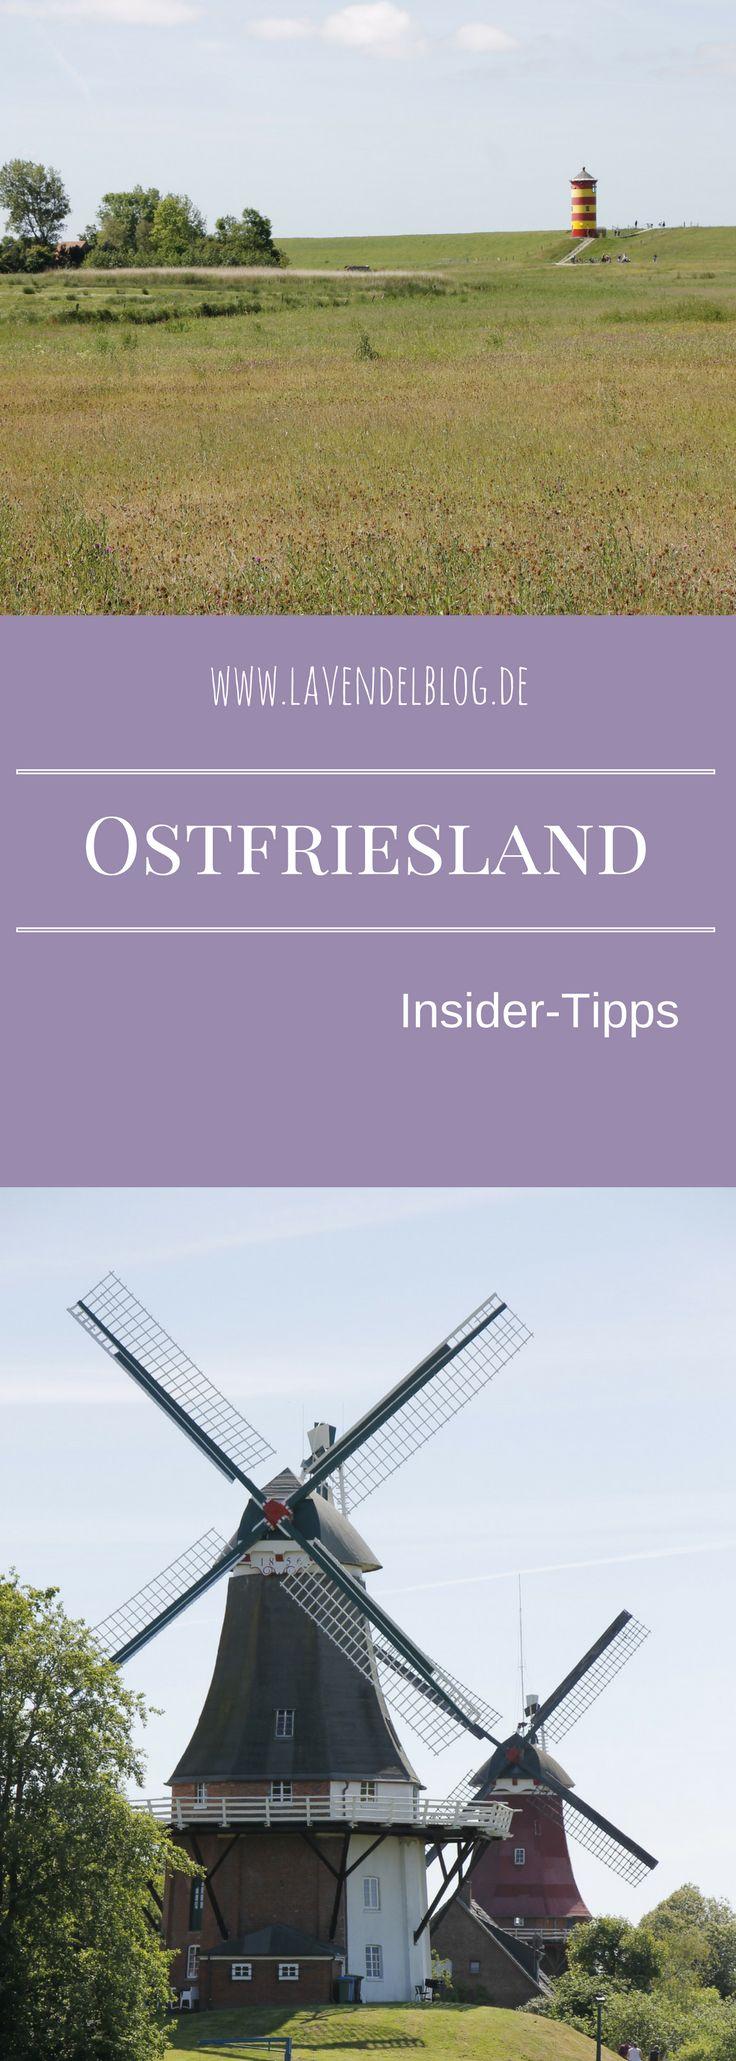 Ausflugstipps für Familien in Ostfriesland. Entdeckt mit uns die ostfriesische Ostsee rund um Norden / Norddeich. Die vorgestellten Ausflugsziele in Ostfriesland eignen sich natürlich nicht nur für Familien, sondern versüßen allen den Urlaub in Ostfriesland.